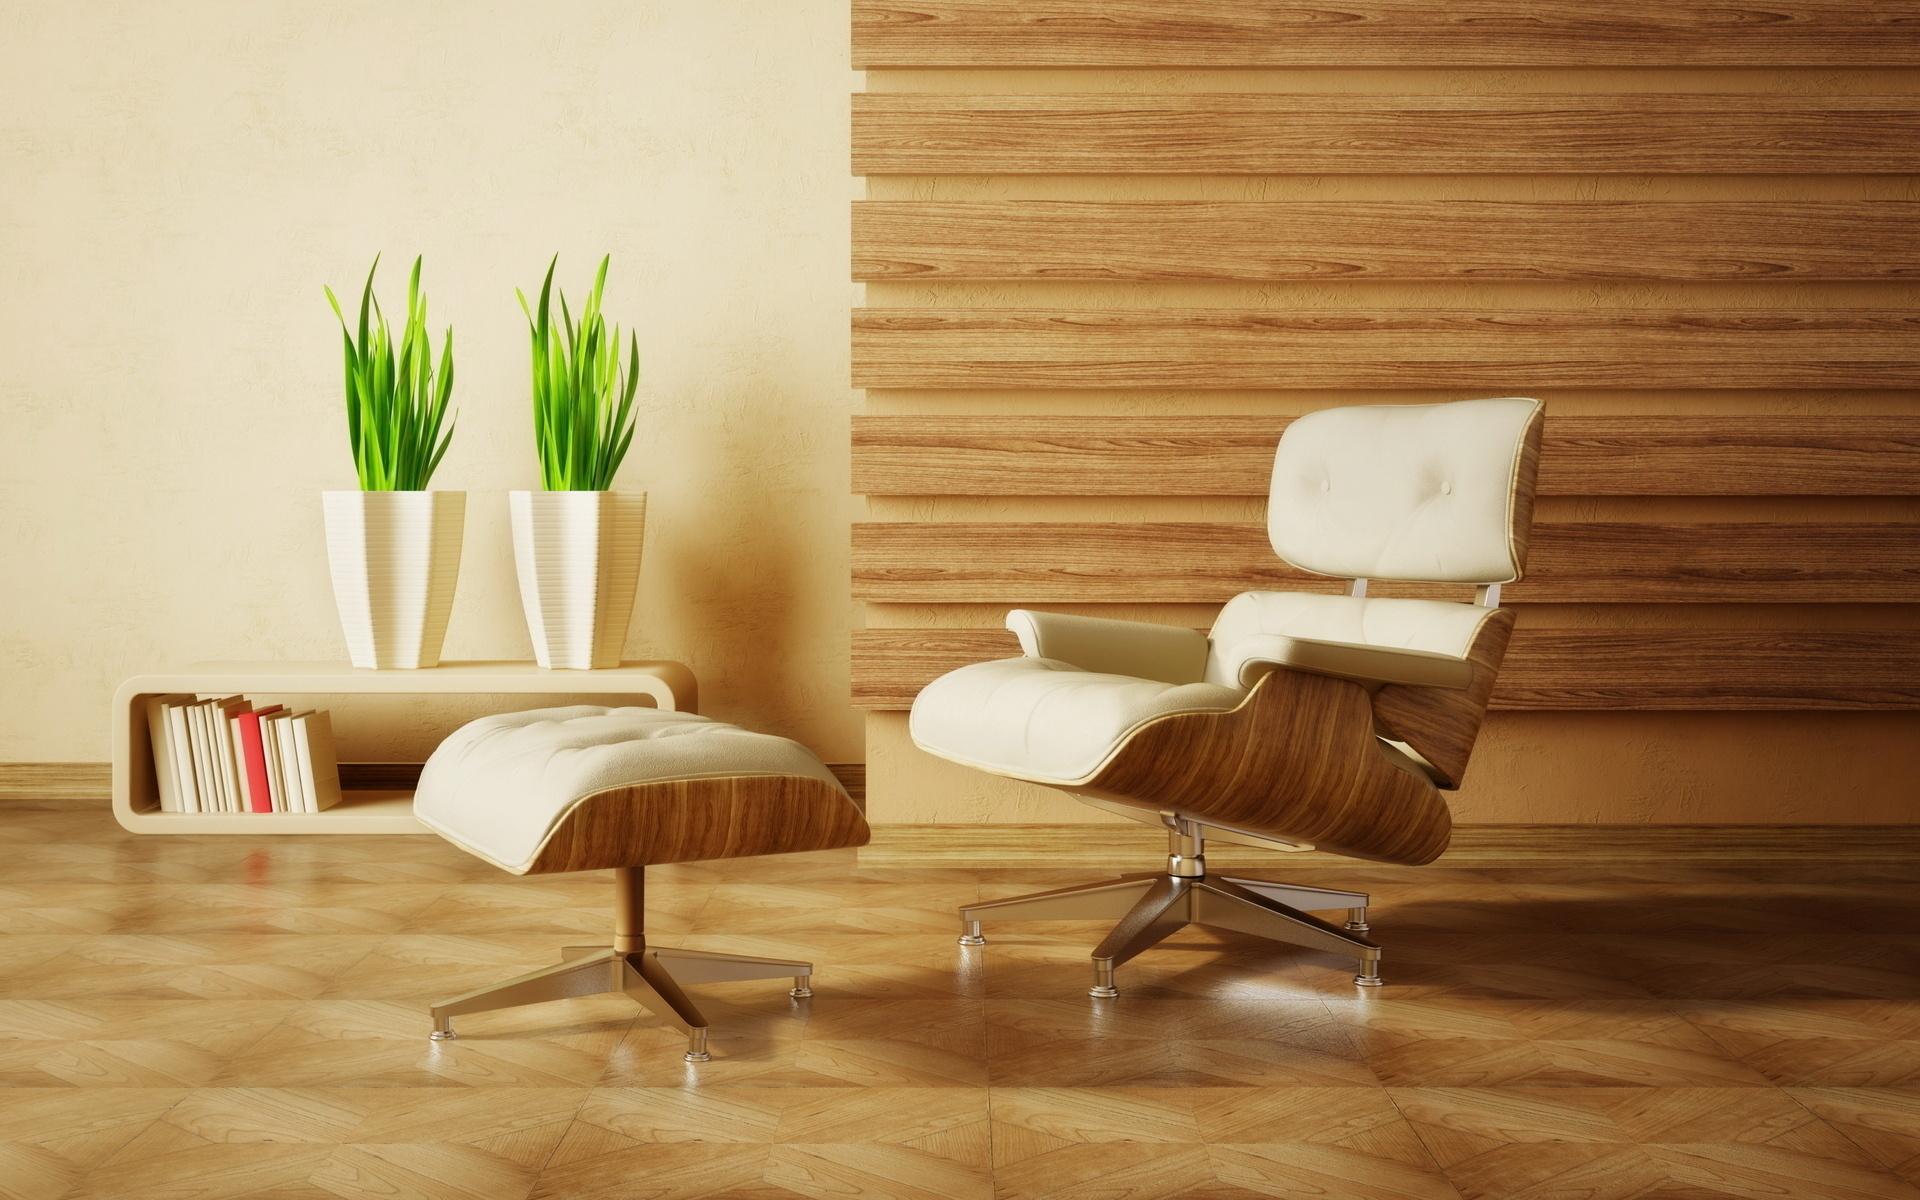 кресло вазы интерьер рамки бесплатно